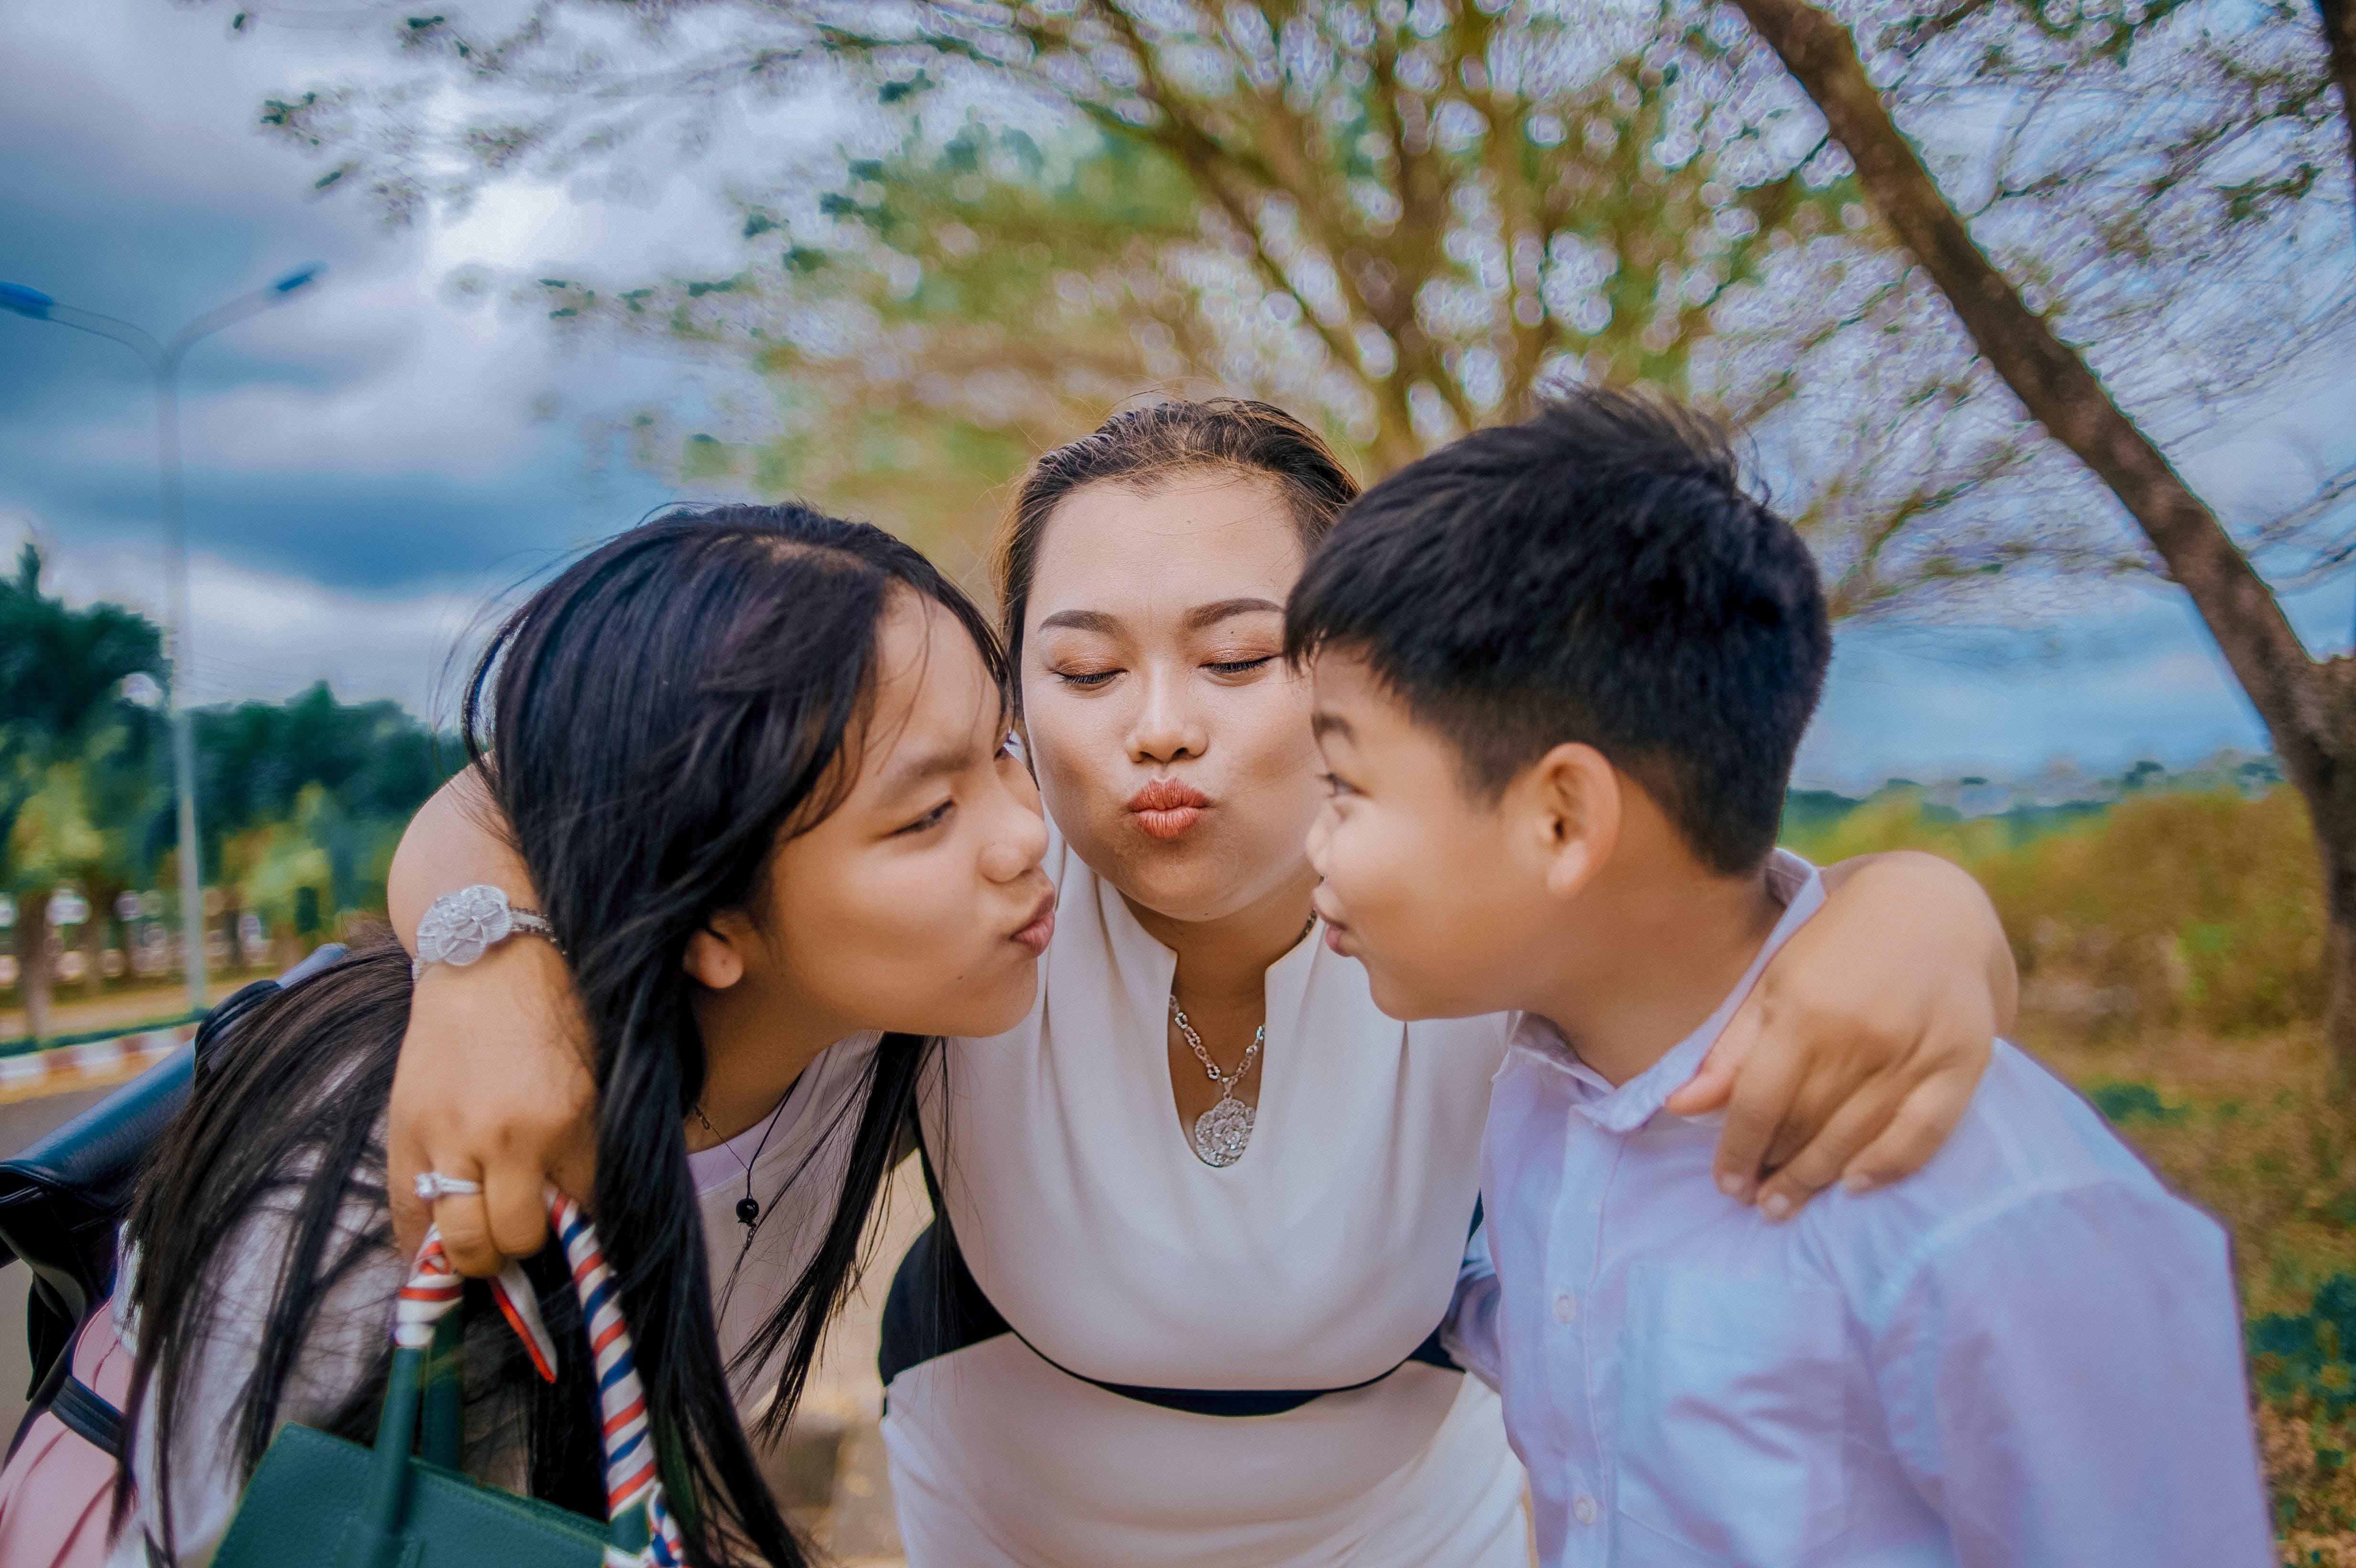 Δωρεάν στοκ φωτογραφιών με αγάπη, Άνθρωποι, ασιάτες, γιός